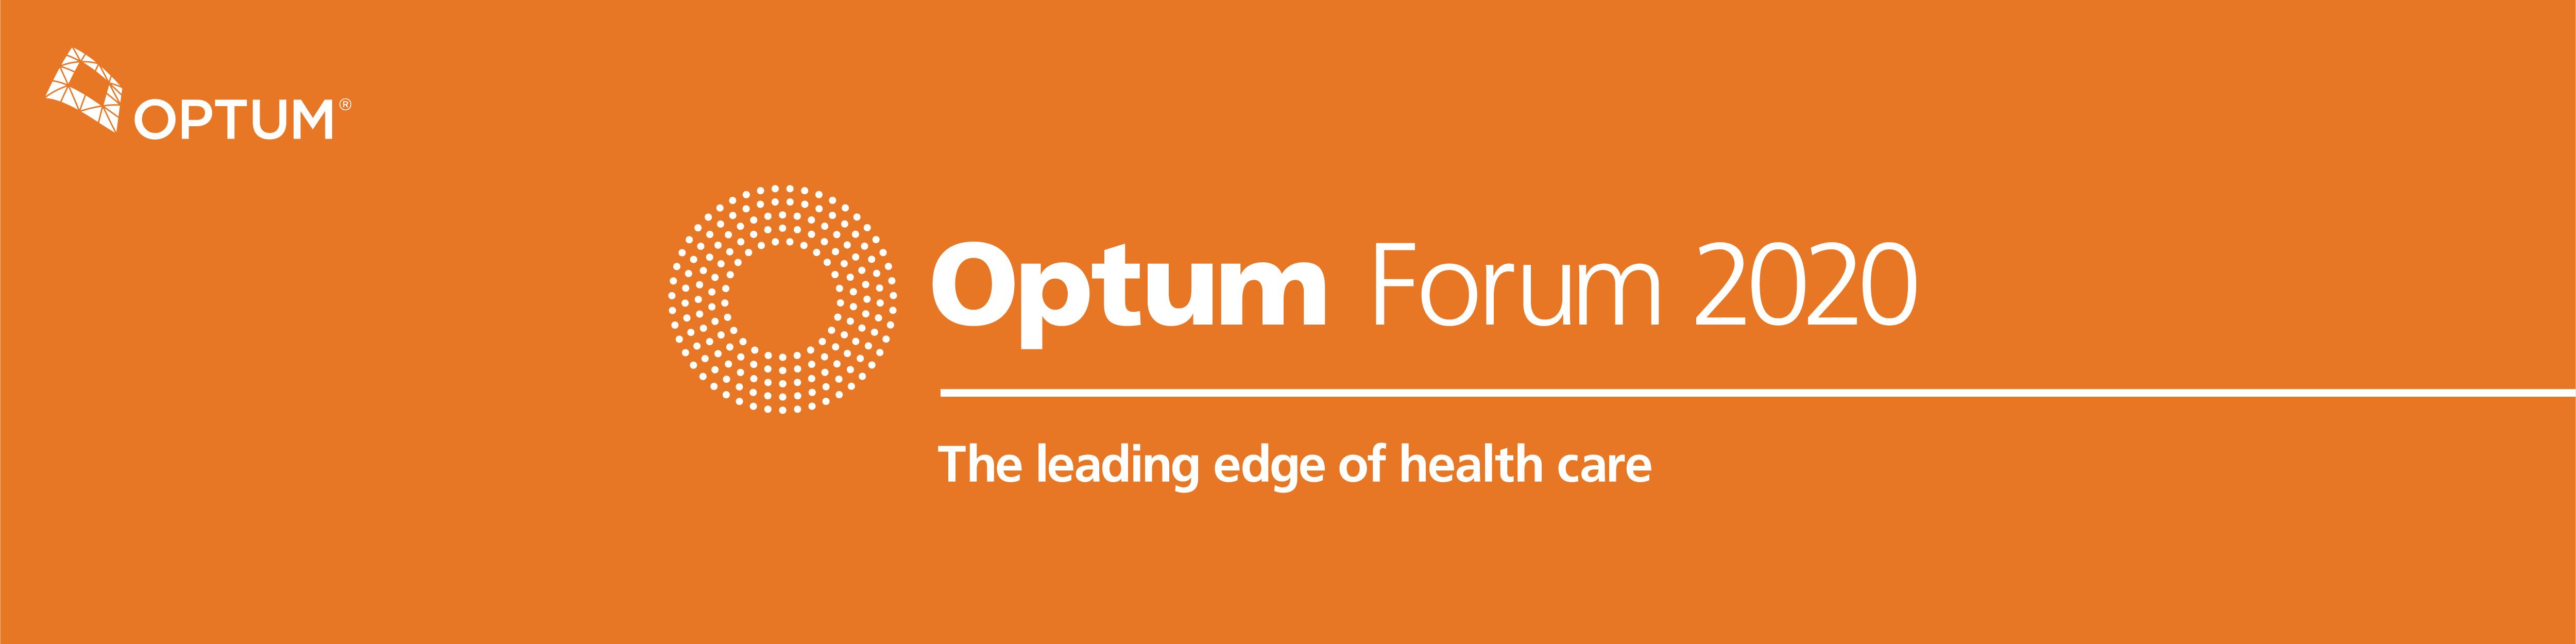 Optum Forum 2020